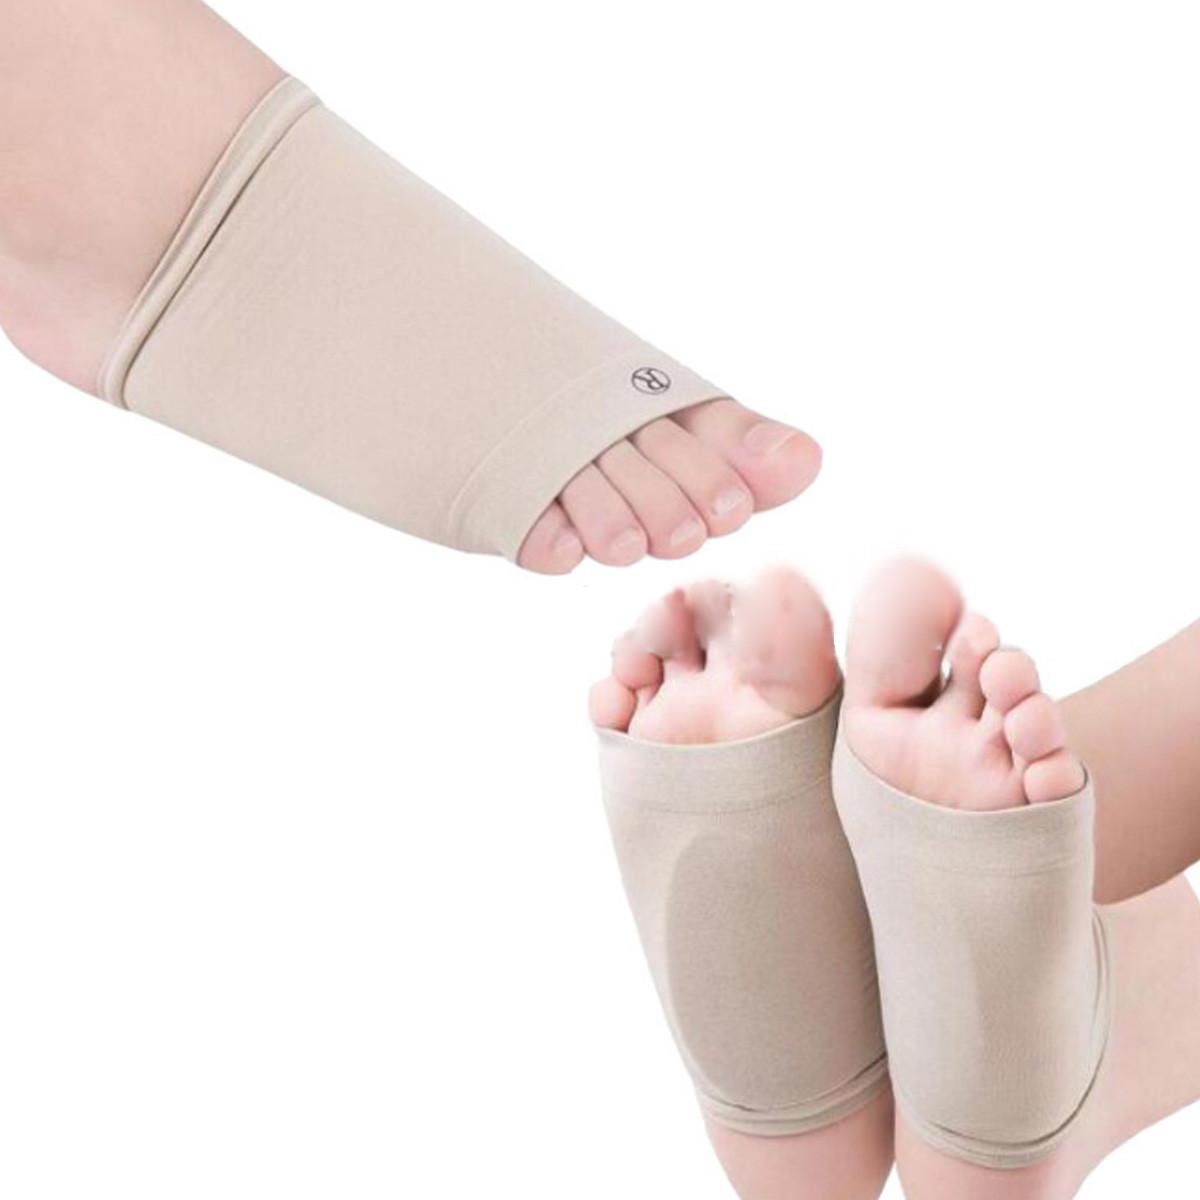 1параподдержкиногстелькадля ног облегчение боли подошвенный протектор защиты - 1TopShop